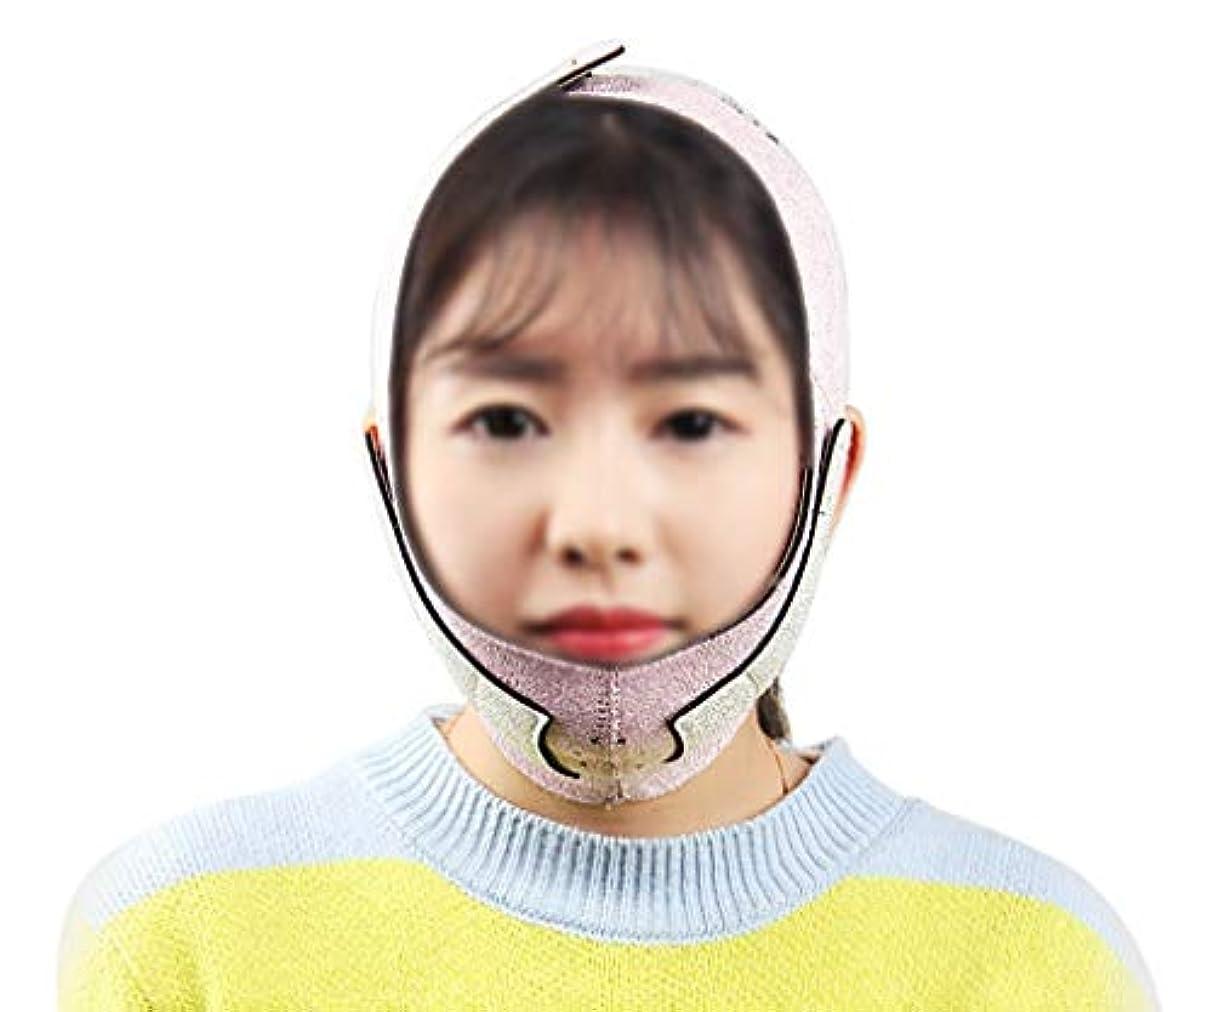 トークウェイター調和GLJJQMY 新しいしっかりした二重あごフェイスリフトアーチファクトVフェイス包帯3フェイス包帯でしっかりマスク薄い顔 顔用整形マスク